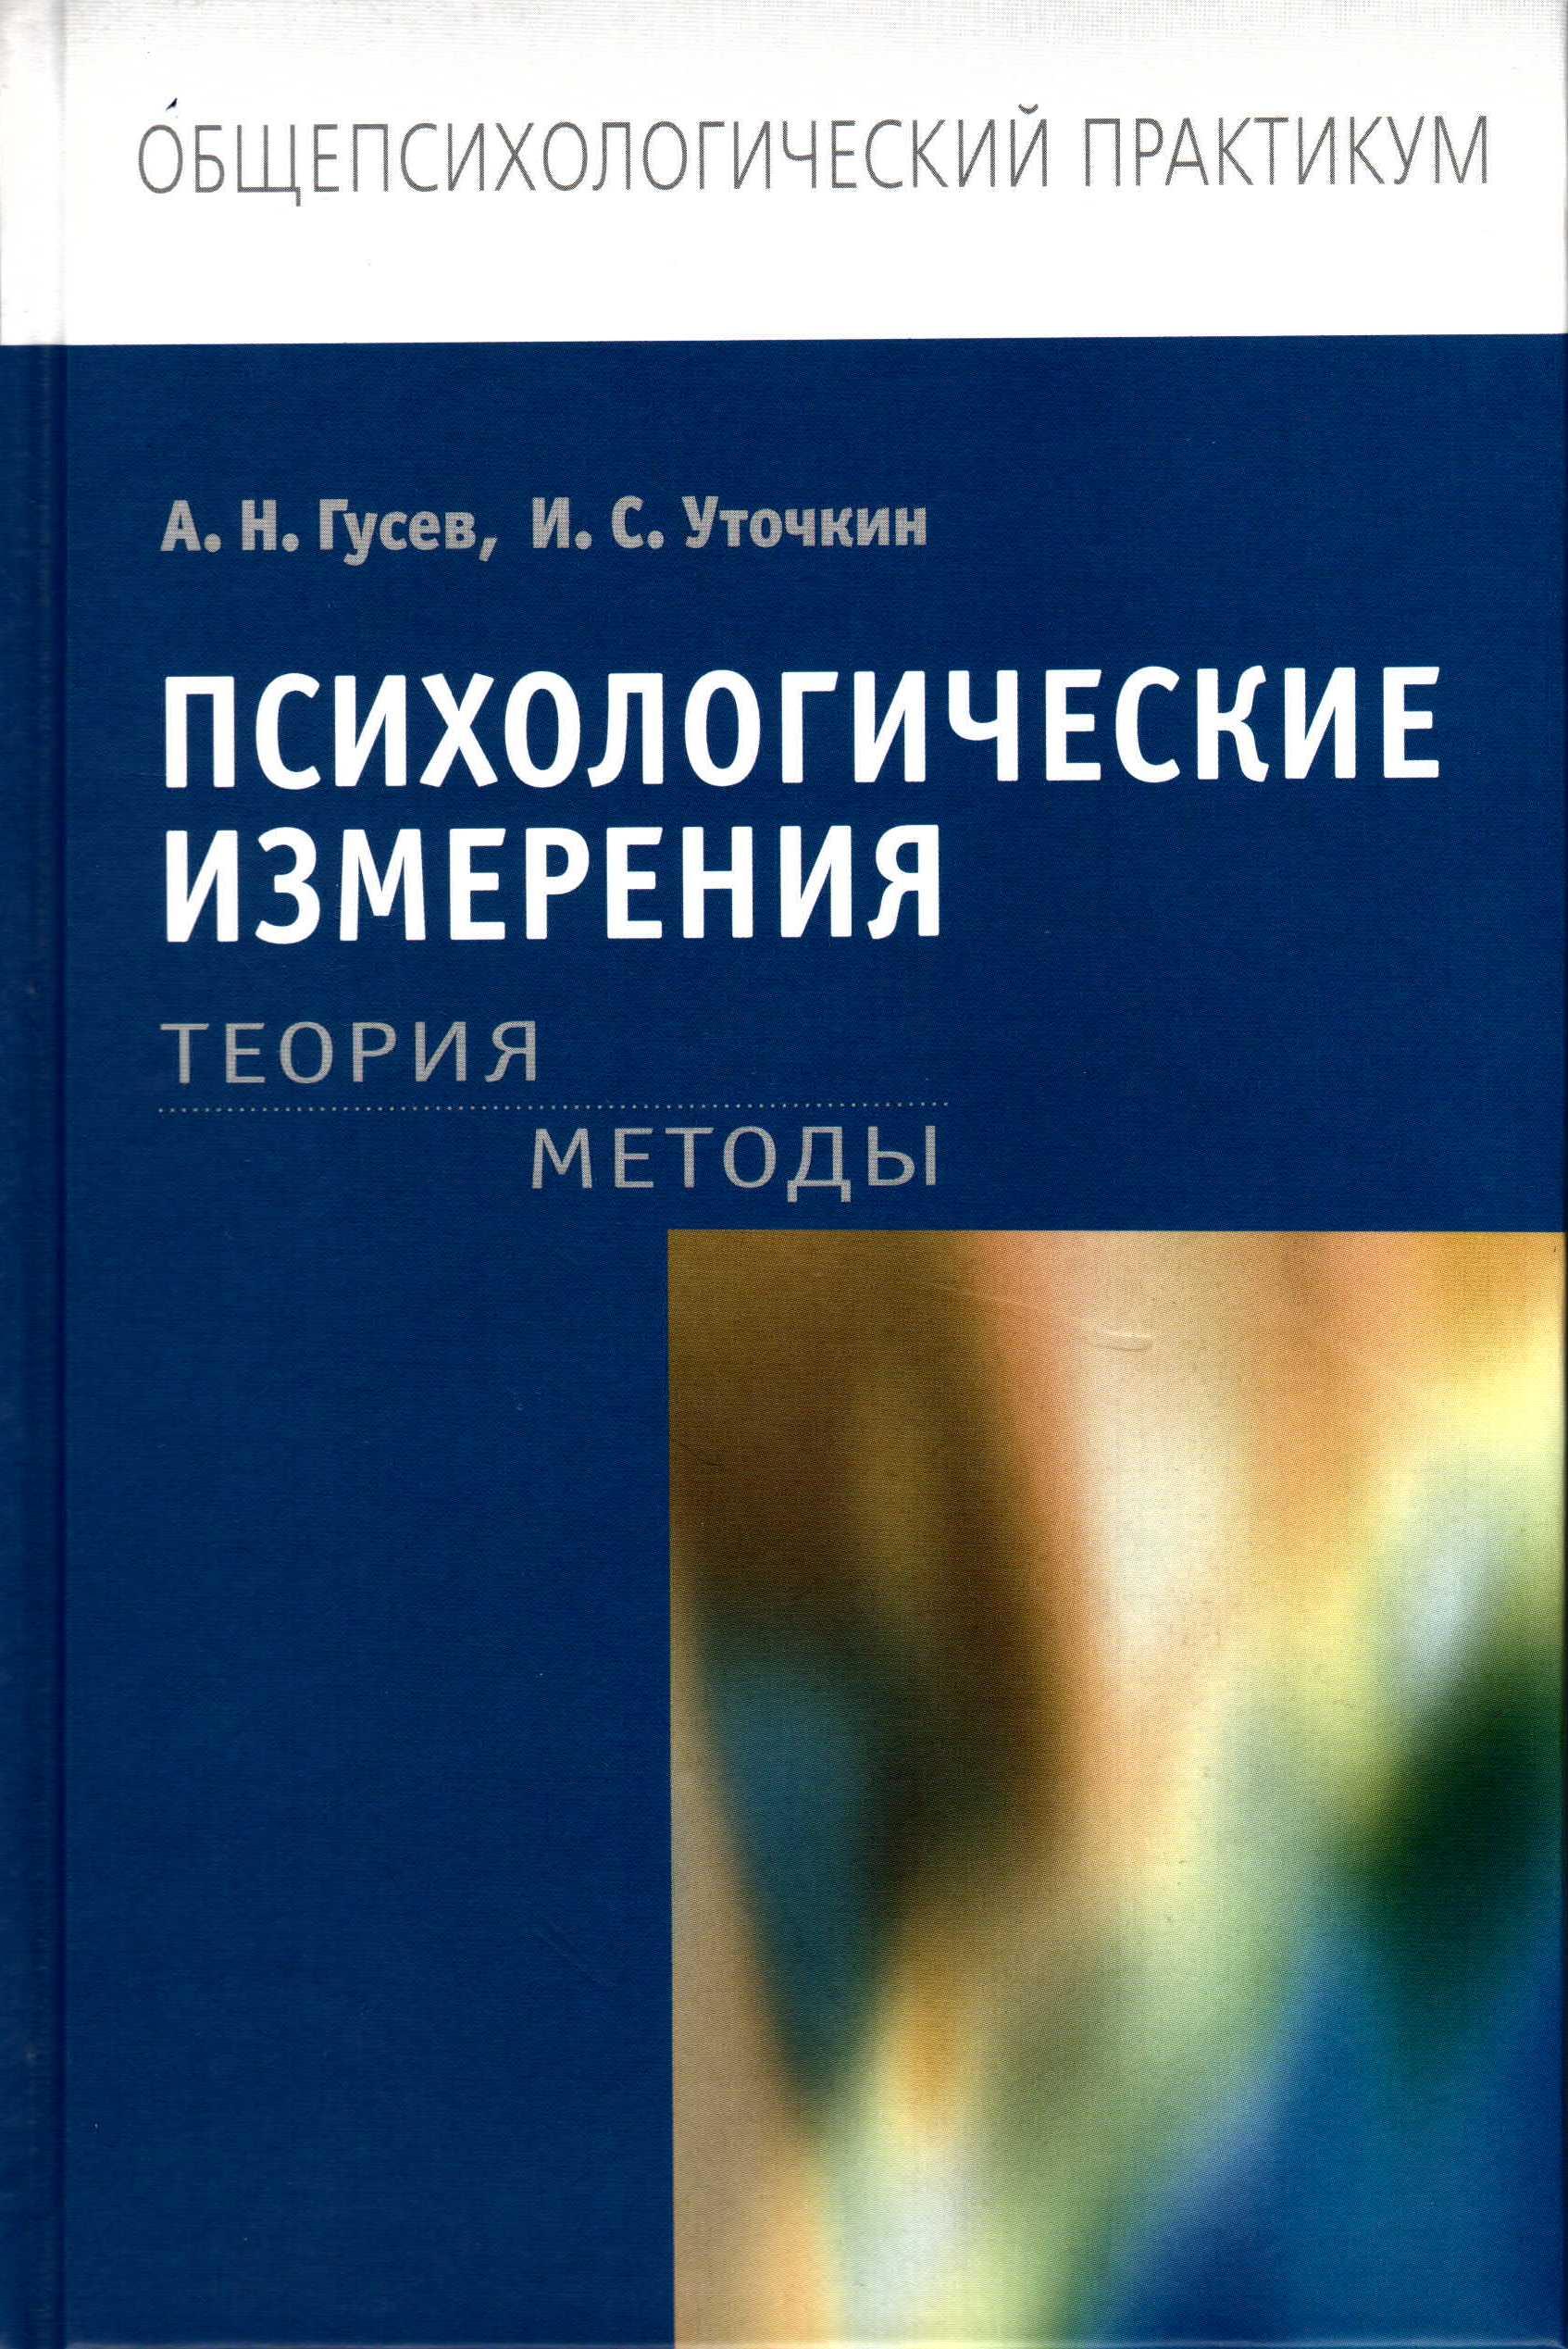 Психологические измерения: Теория. Методы: Учебное пособие для студентов вузов